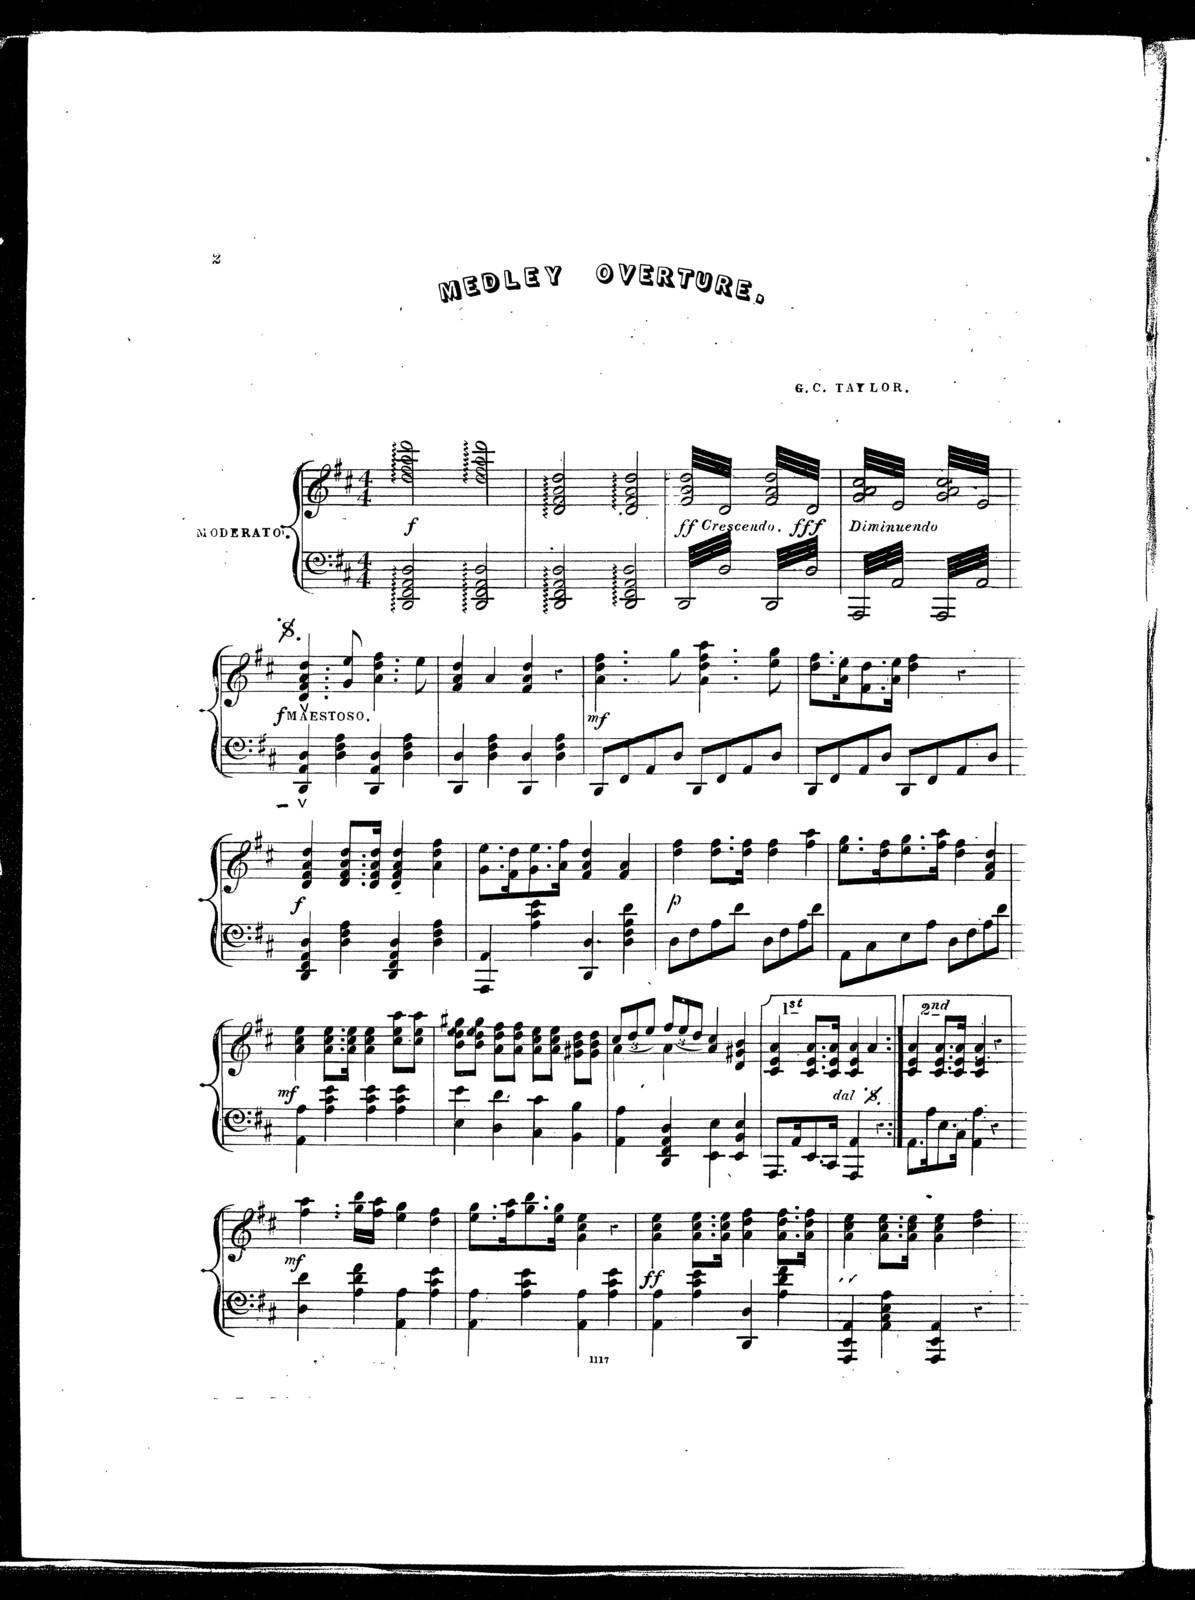 Medley overture